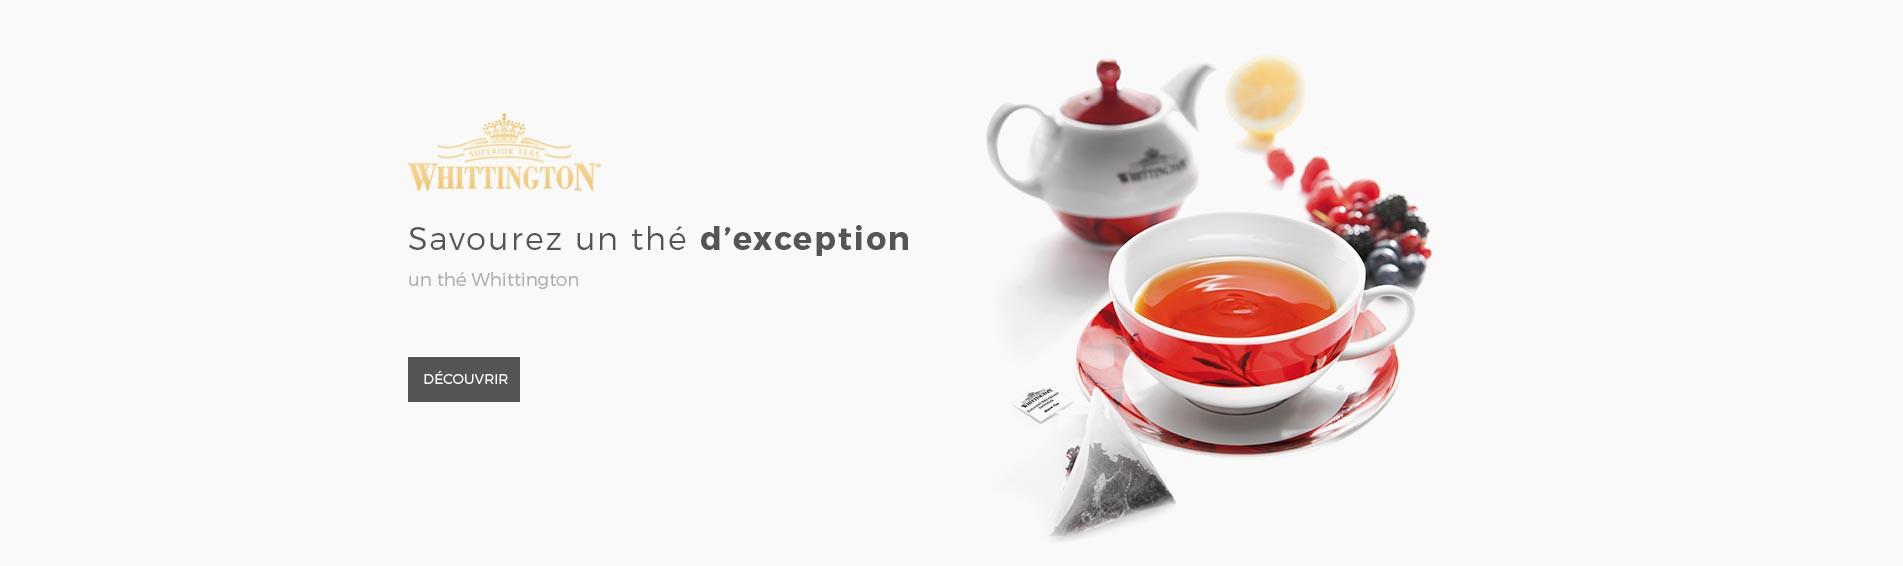 Savourez un thé d'exception, un thé Whittington